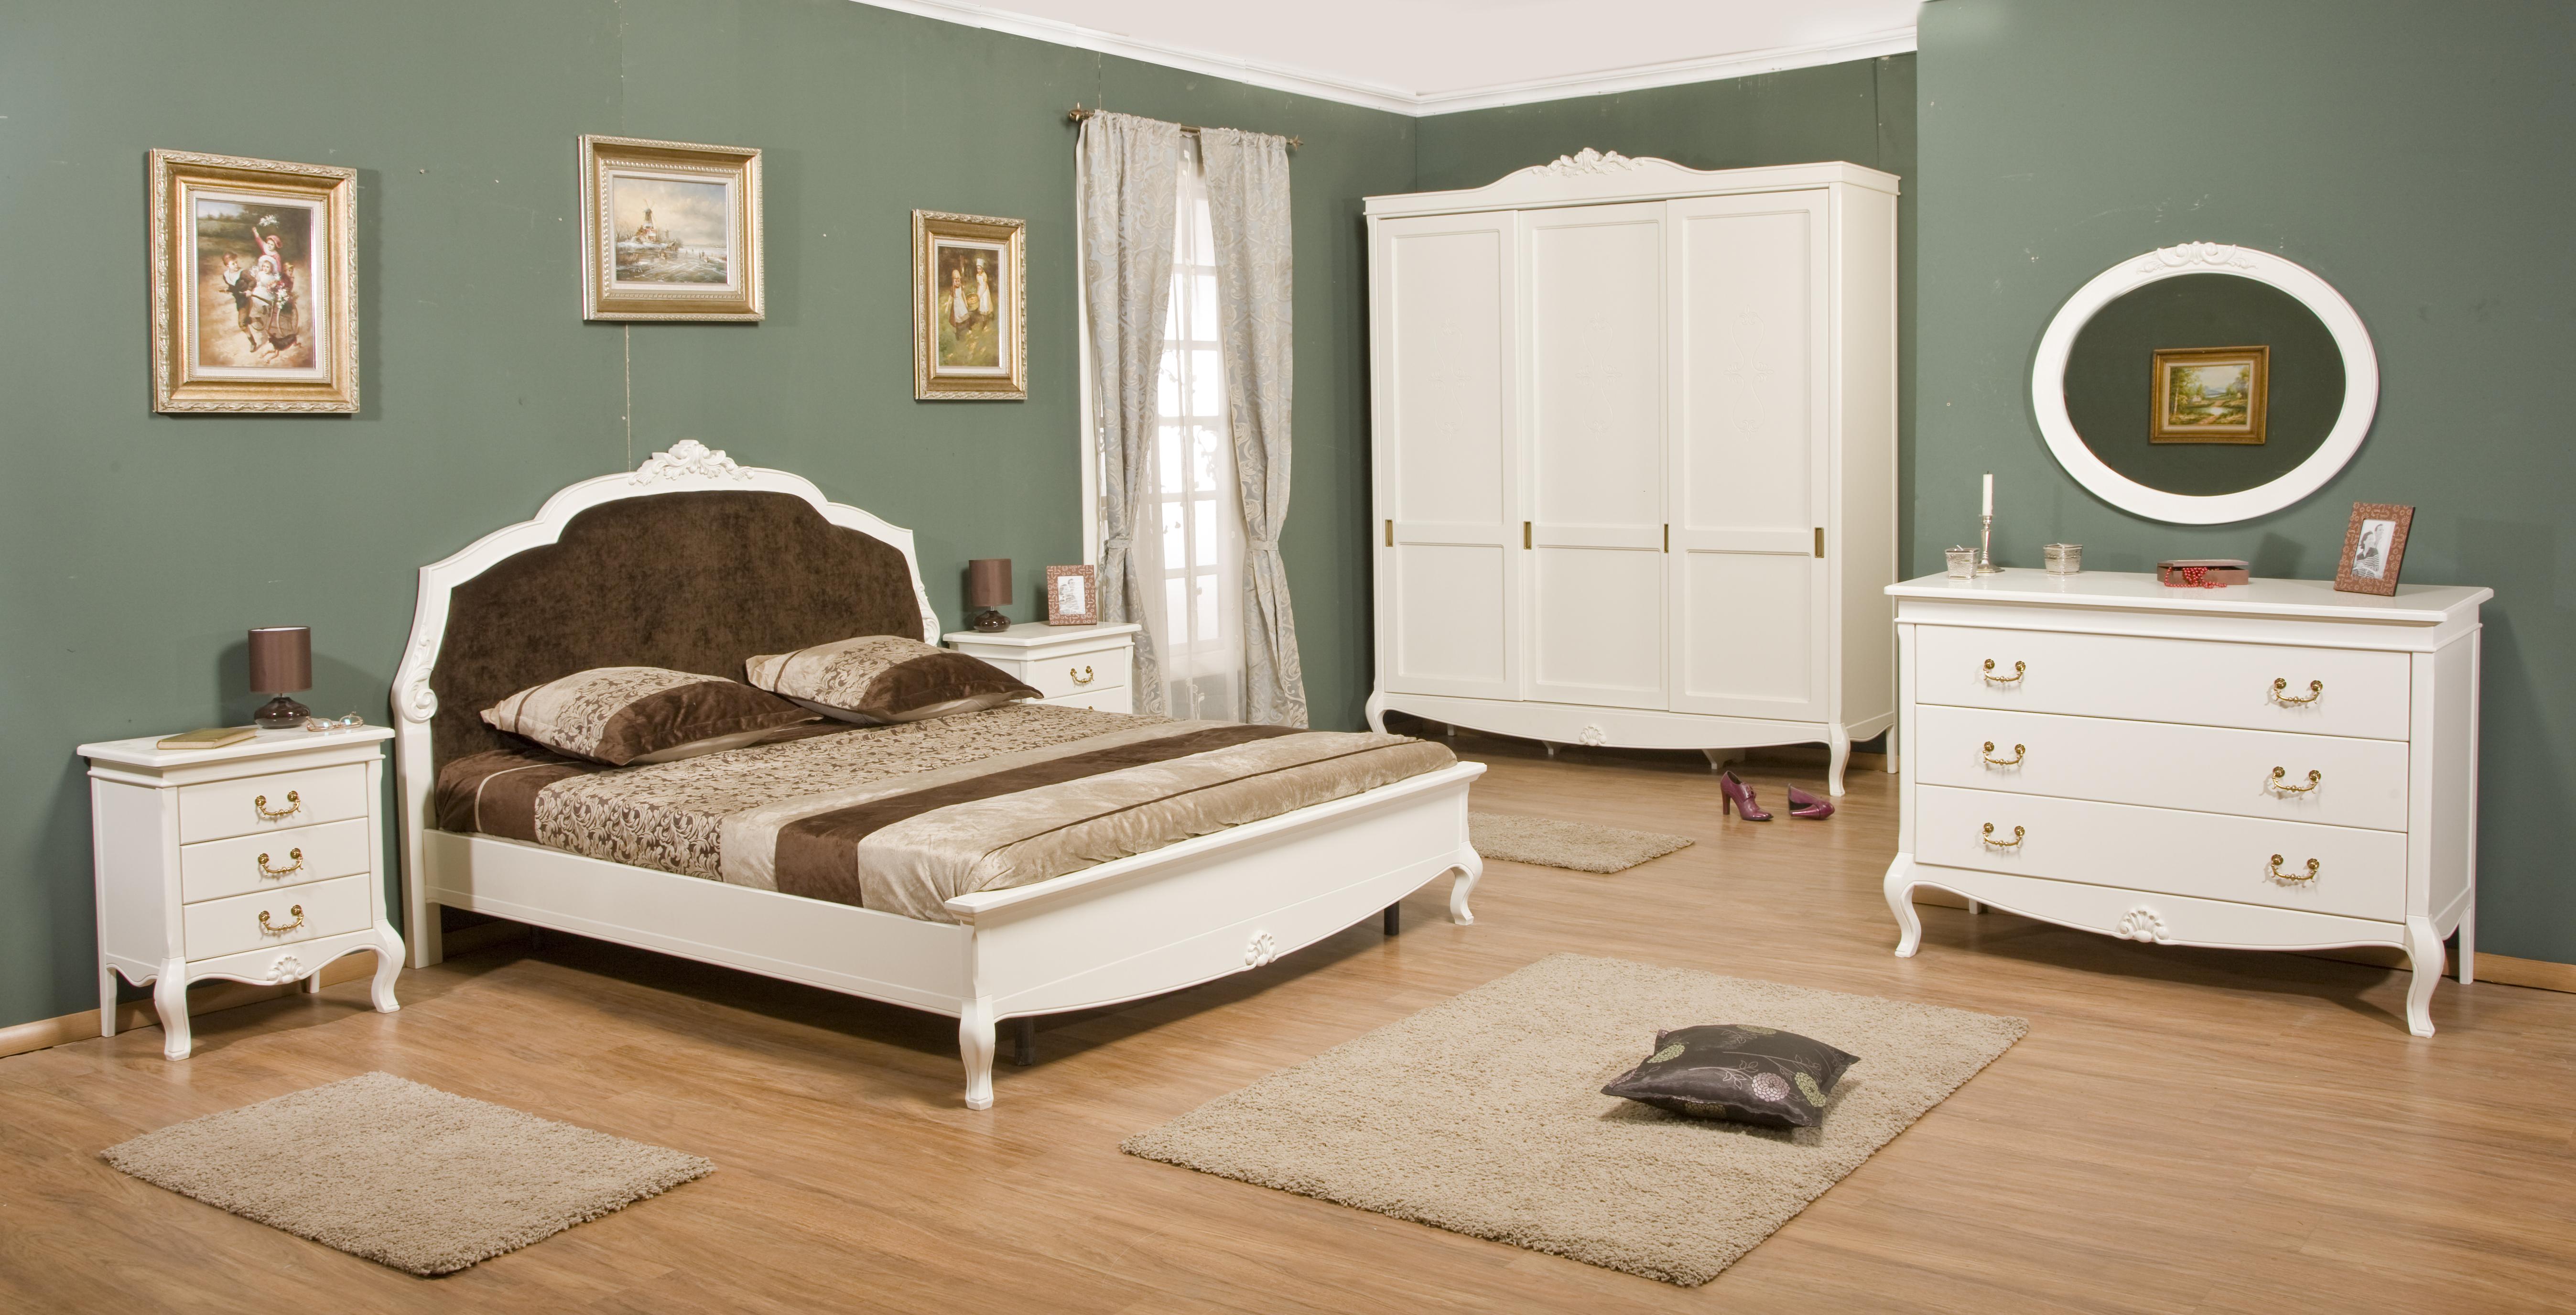 Mobila dormitor lemn masiv CASA MOBILA SIMEX - Poza 58